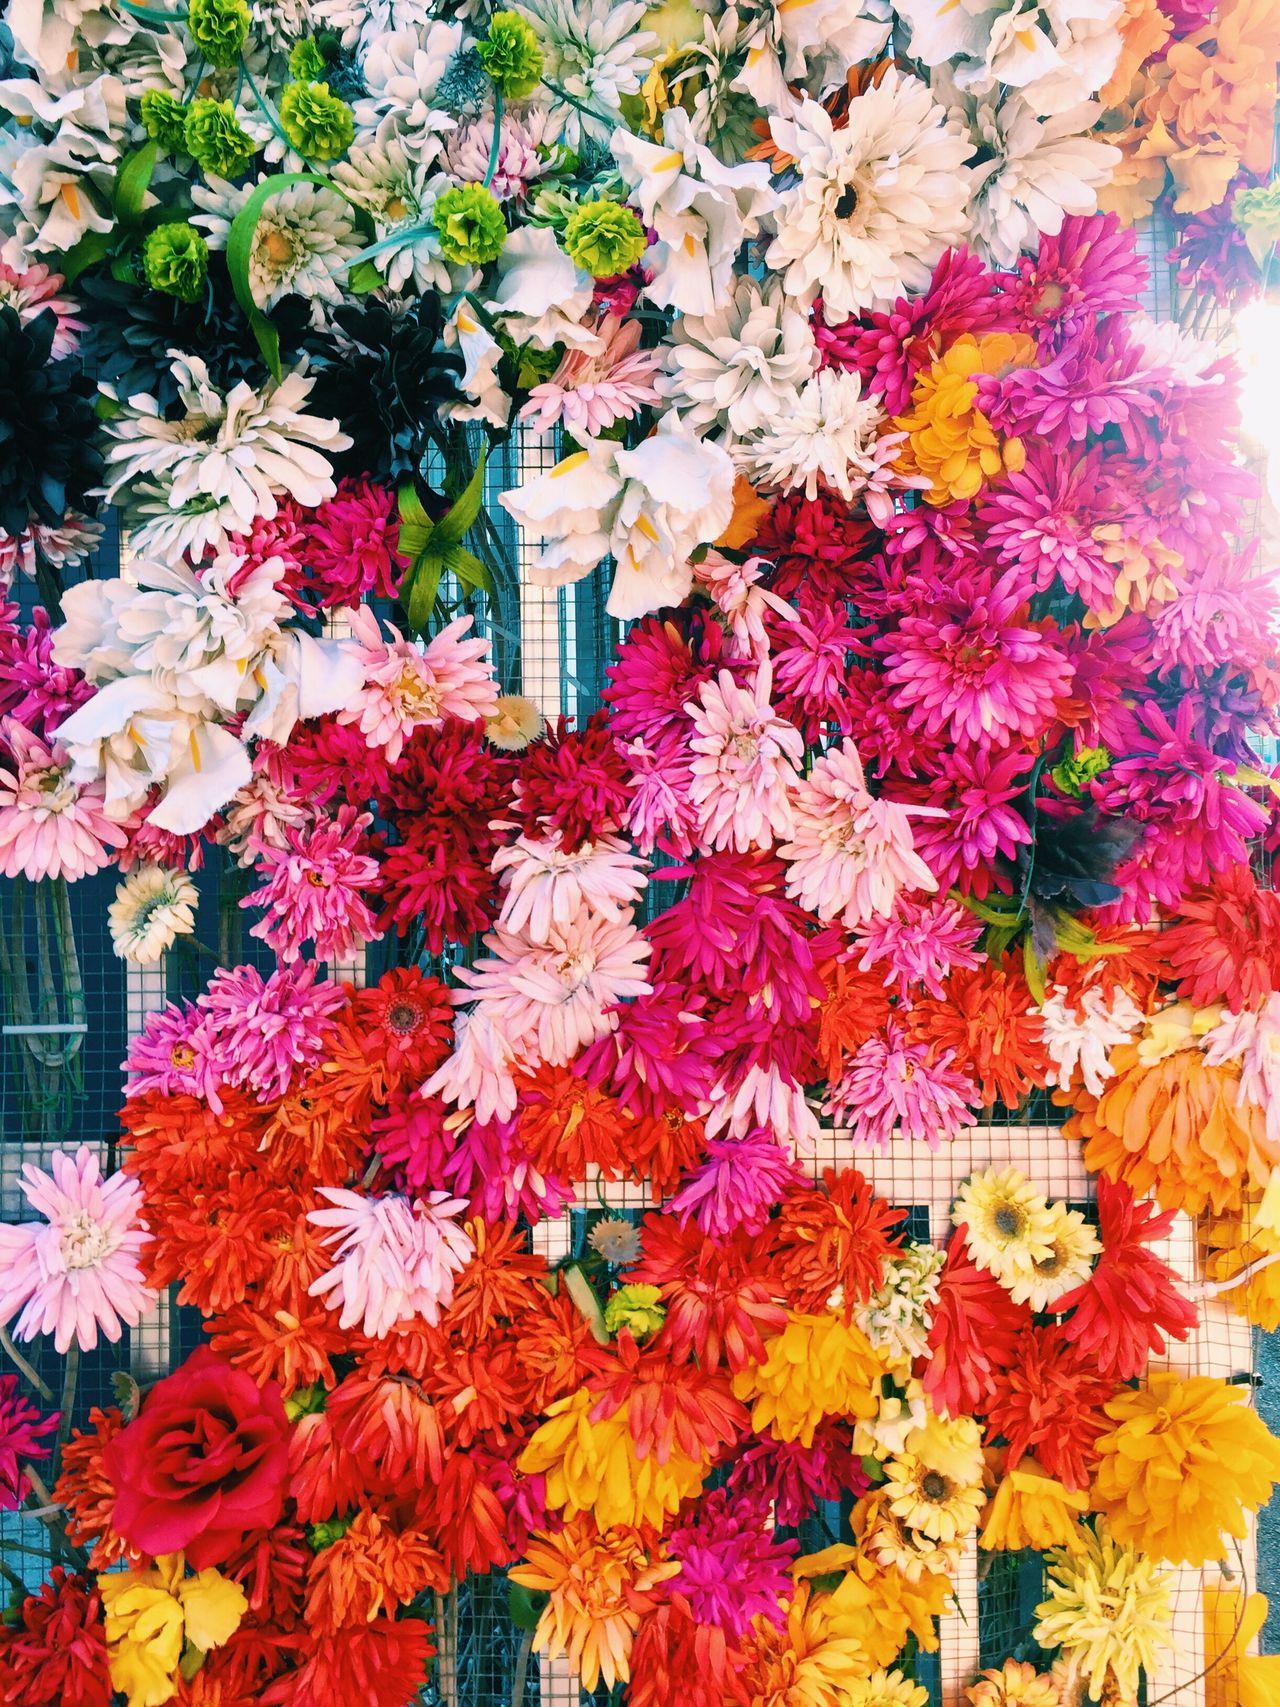 Wynwood Walls Flowers Colors Art Is Everywhere EyeEmNewHere